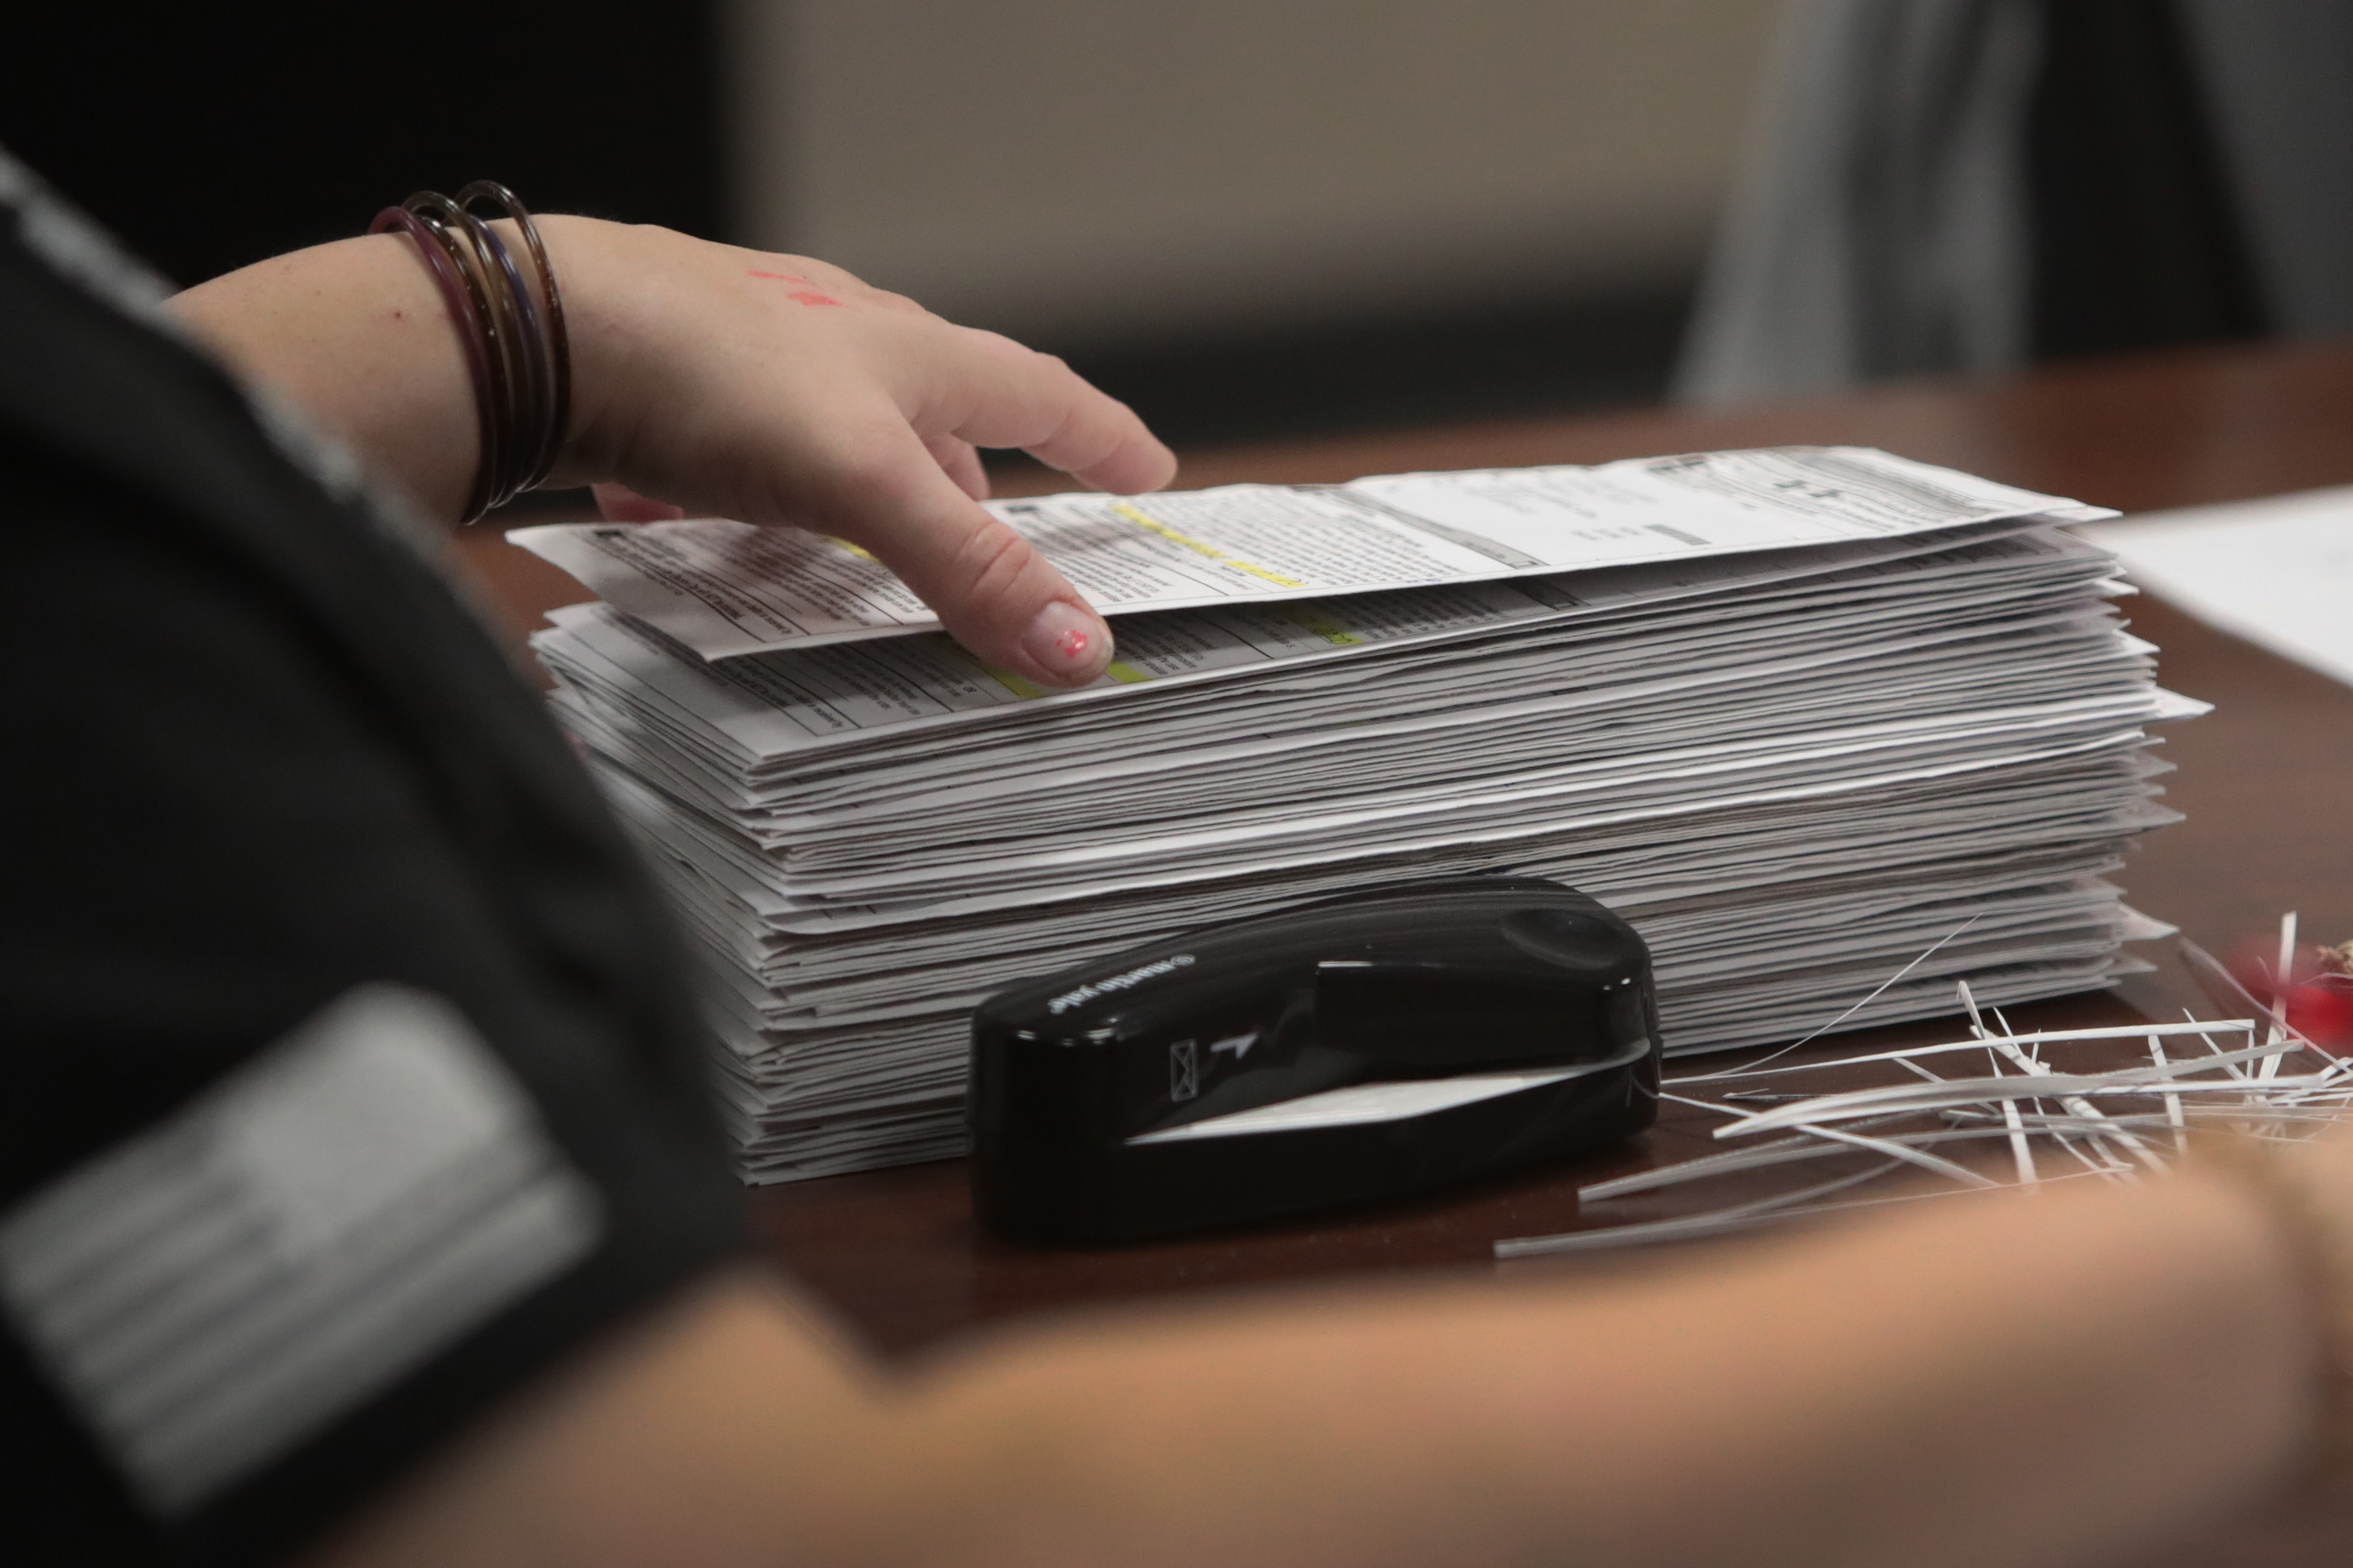 威州選舉數據庫天價下載費 舞弊疑點多多